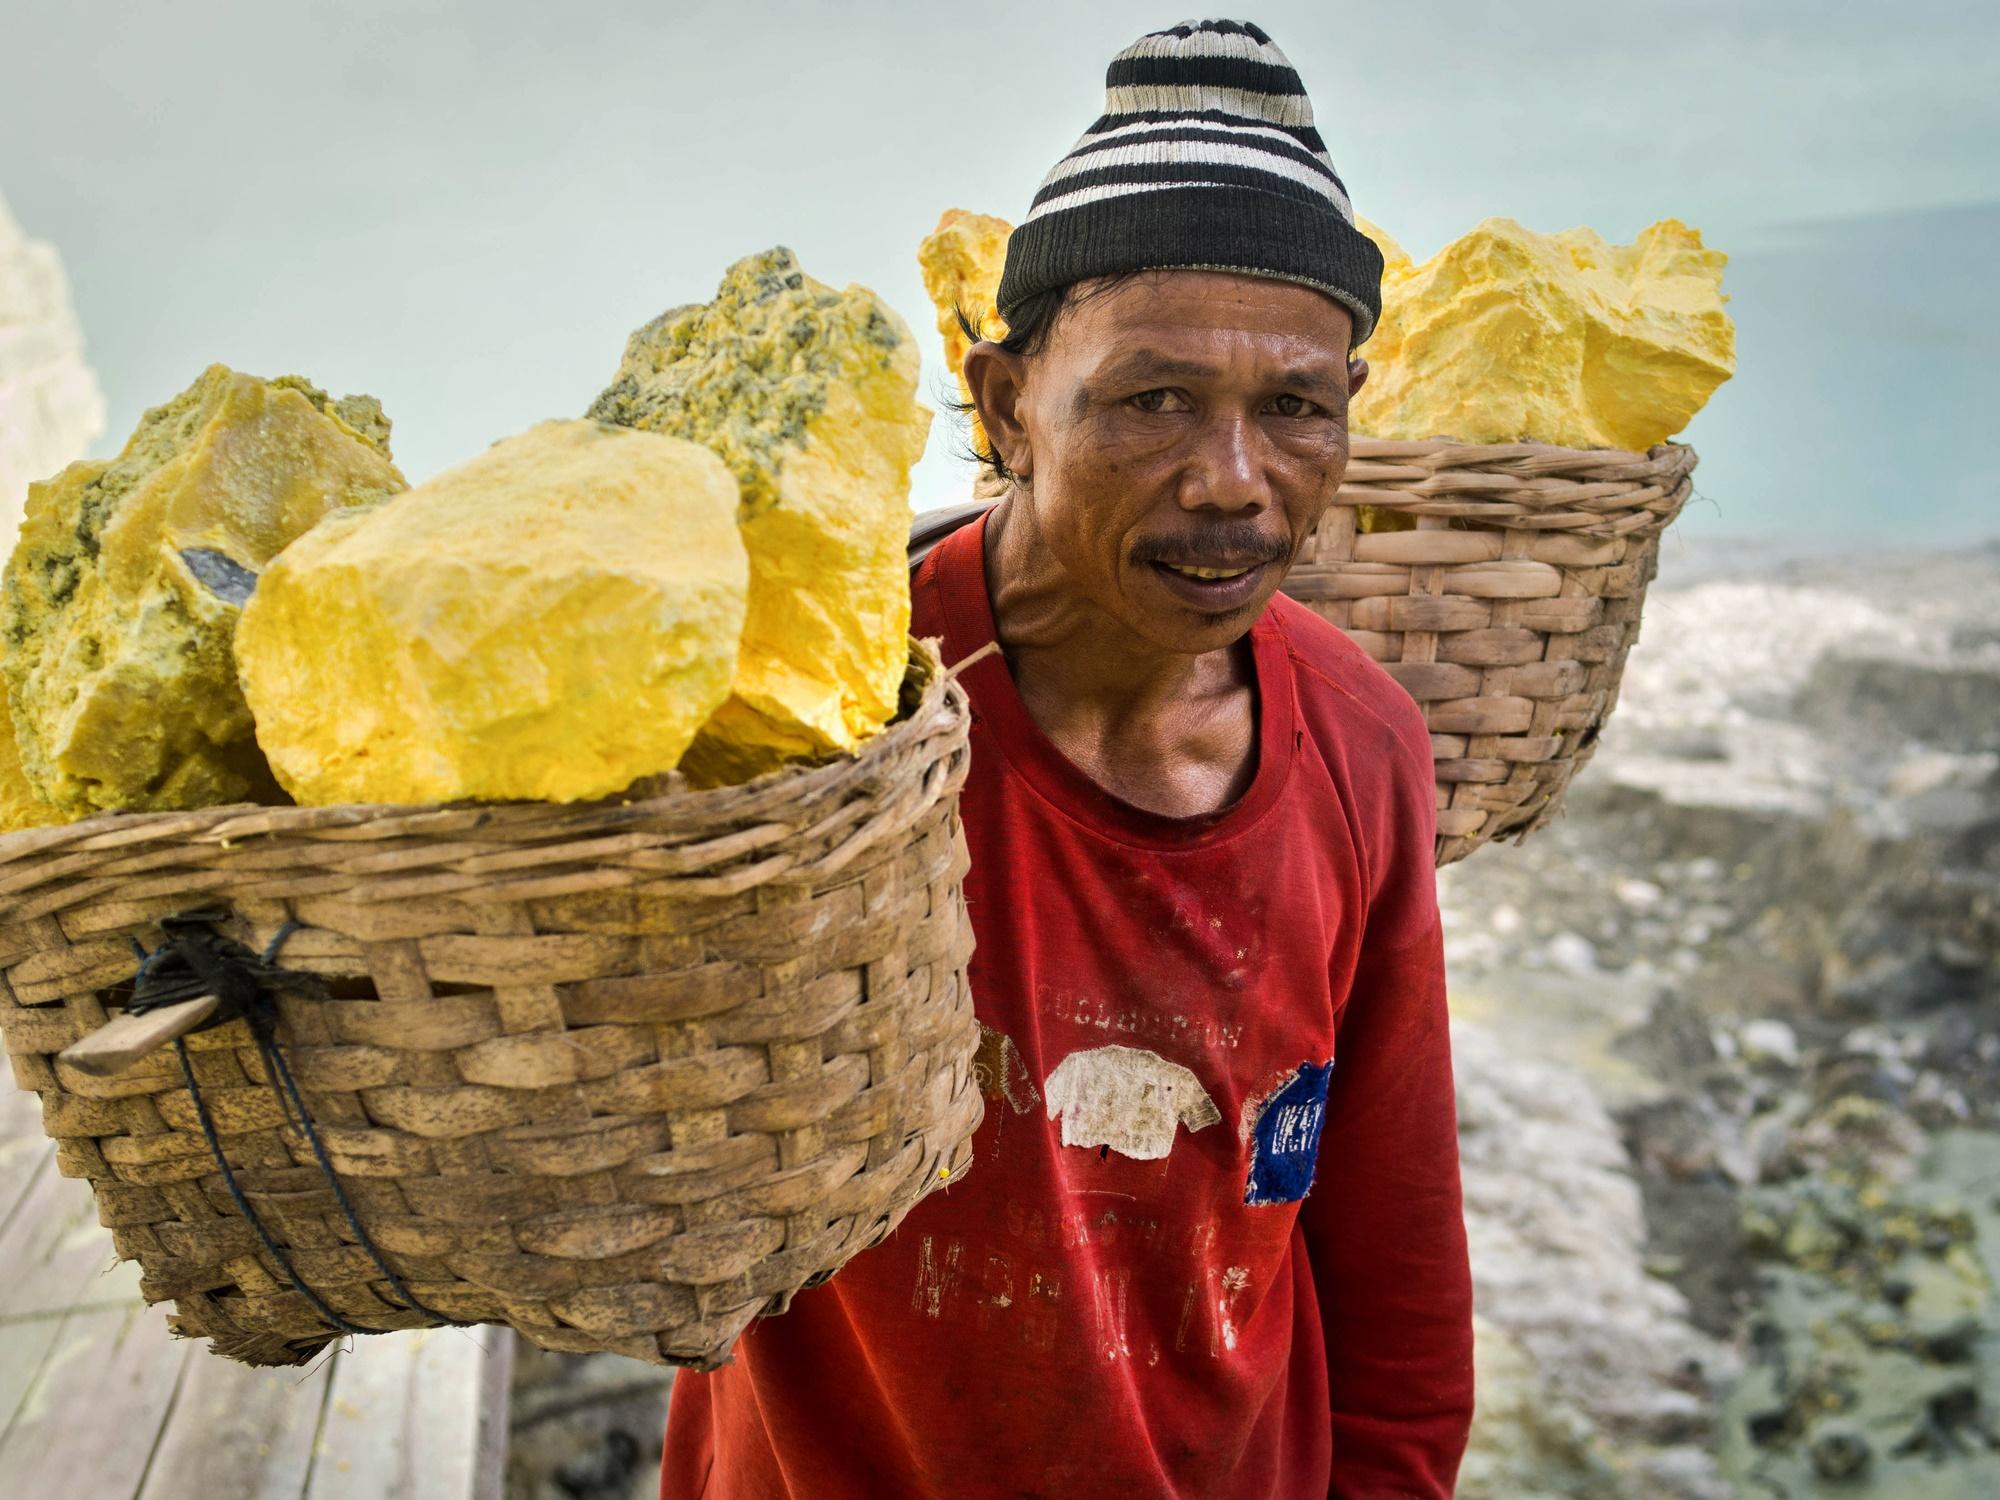 """פועל במכרה סולפור באינדונזיה. התמונה ממאגר """"דפוזיט"""" From """"Deposit"""" Photos"""